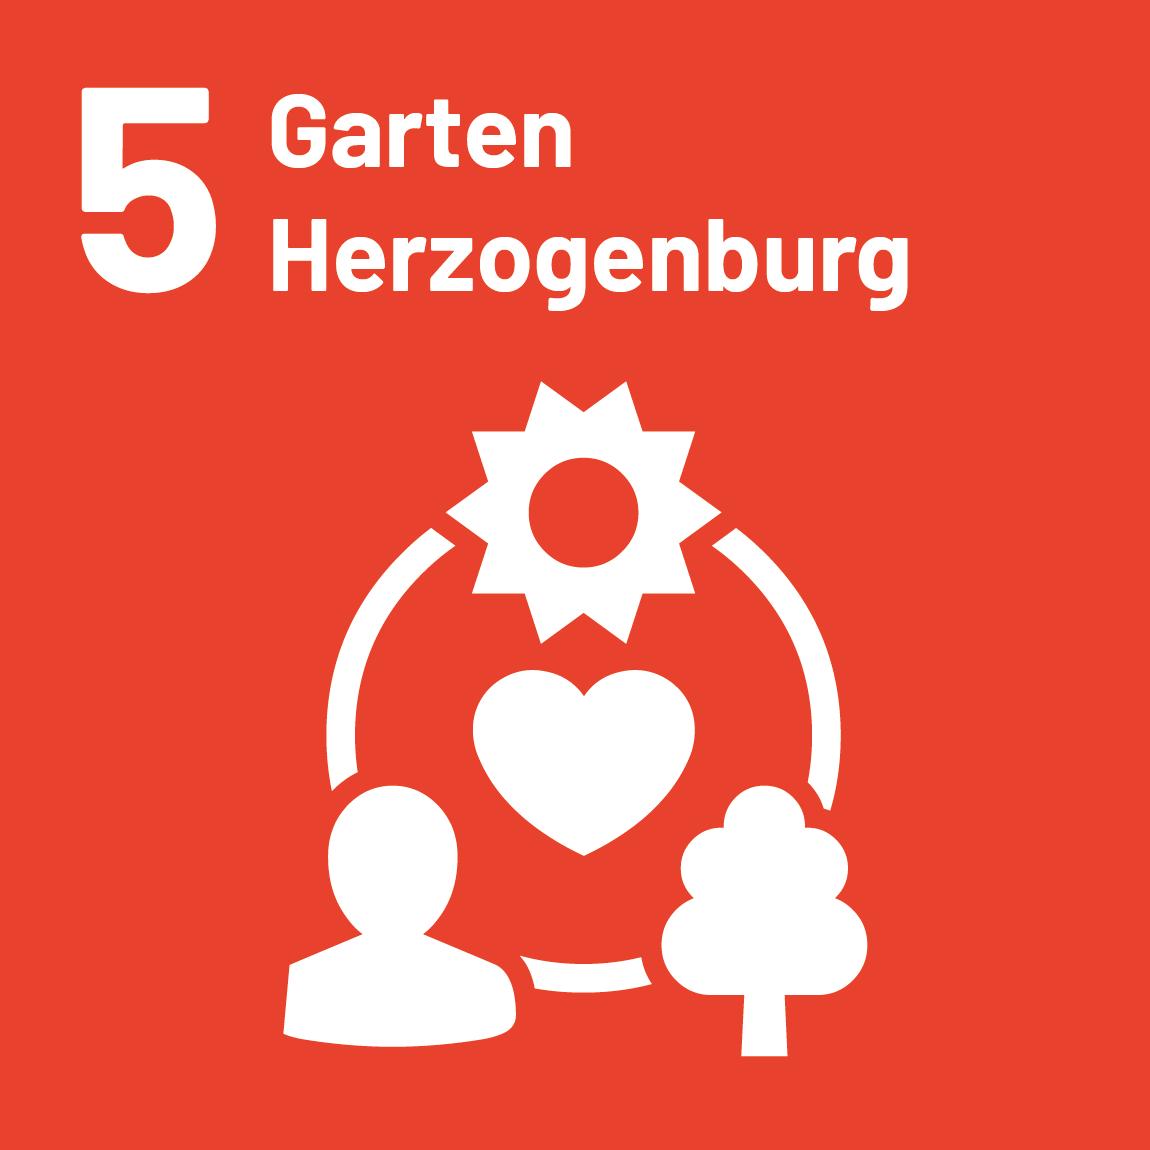 garten-herzogenburg.png